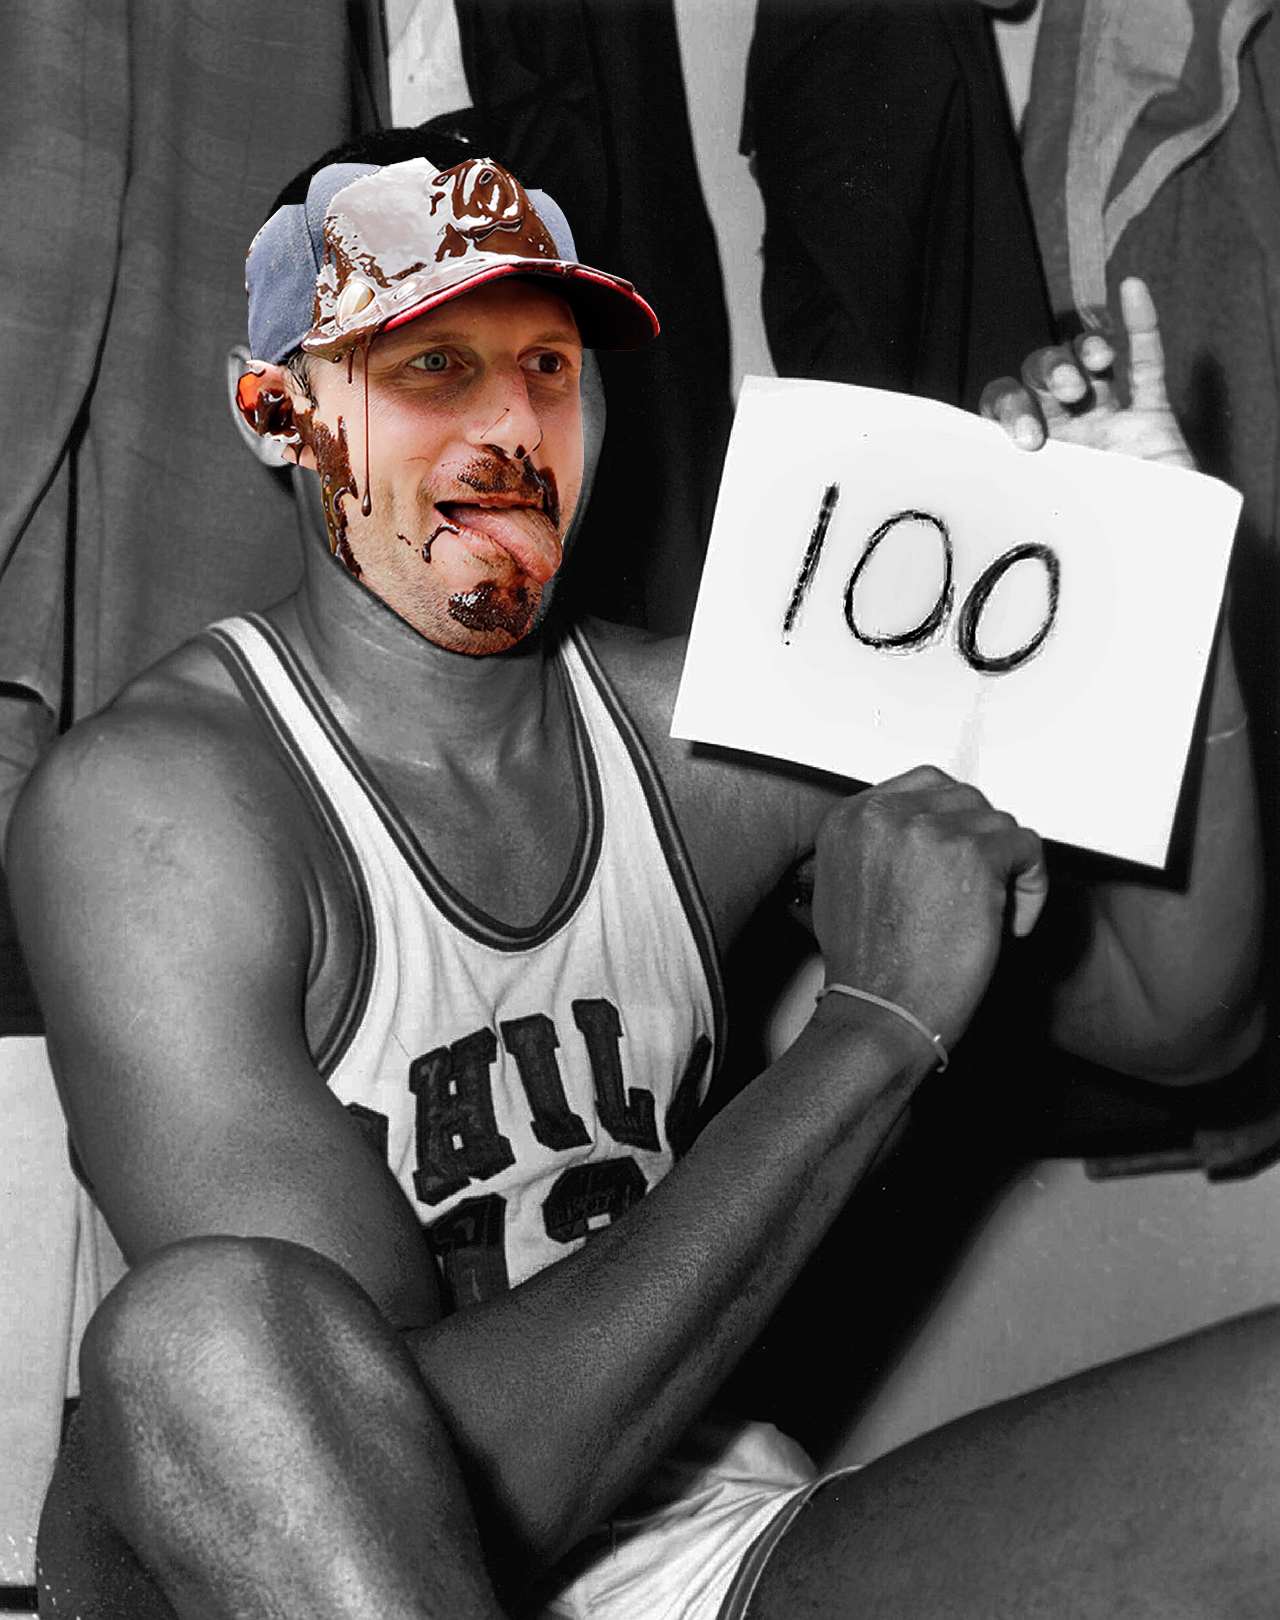 Scherzer 100